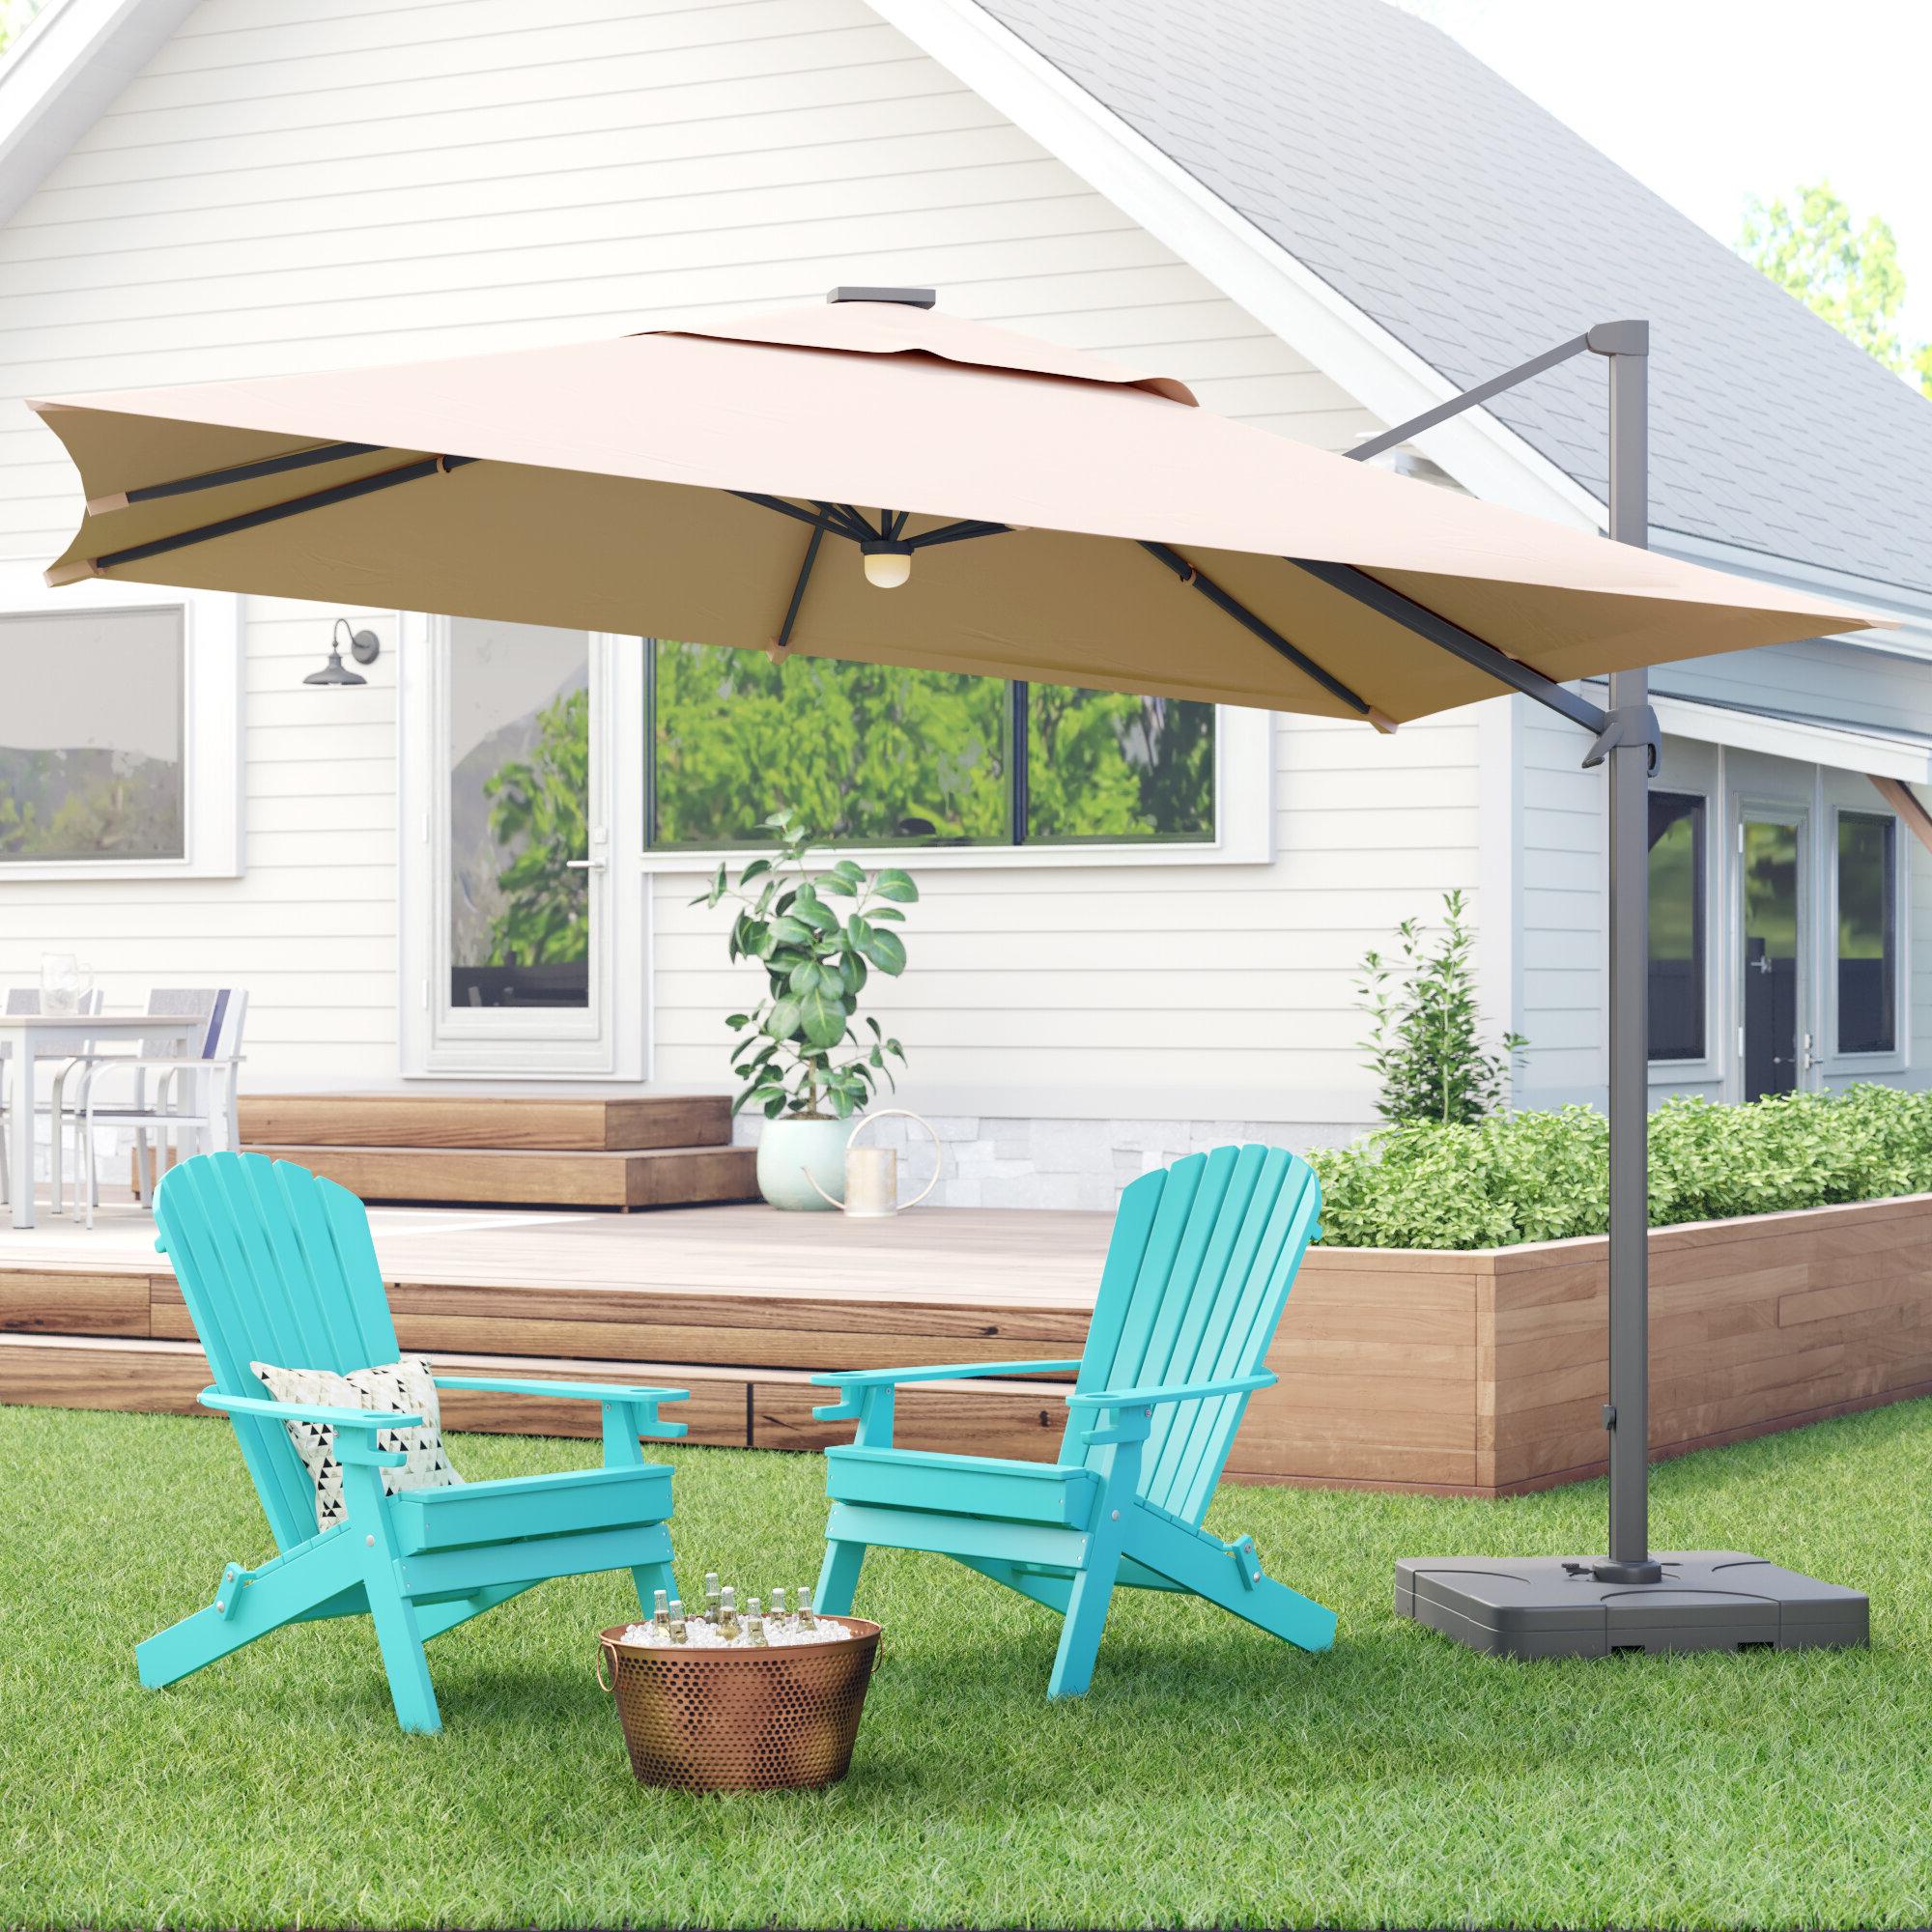 Maidste Square Cantilever Umbrellas For Preferred Jendayi Square Cantilever Umbrella (View 13 of 20)